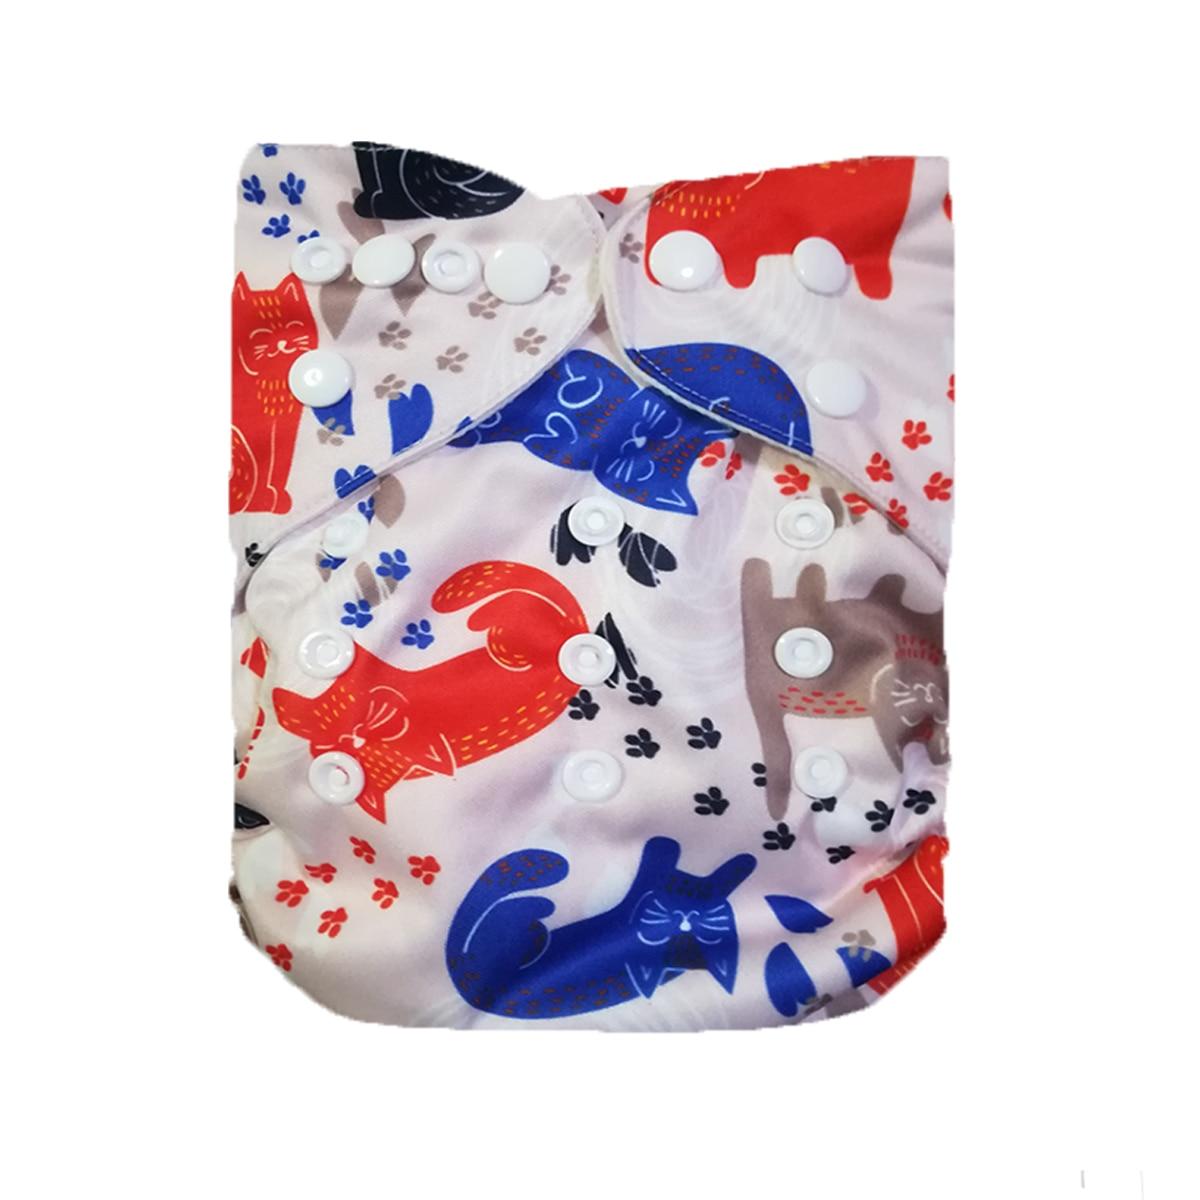 2018 Современные тканевые подгузники LilBit, многоразовые детские подгузники, подгузники, моющиеся регулируемые подгузники с карманами для нов...